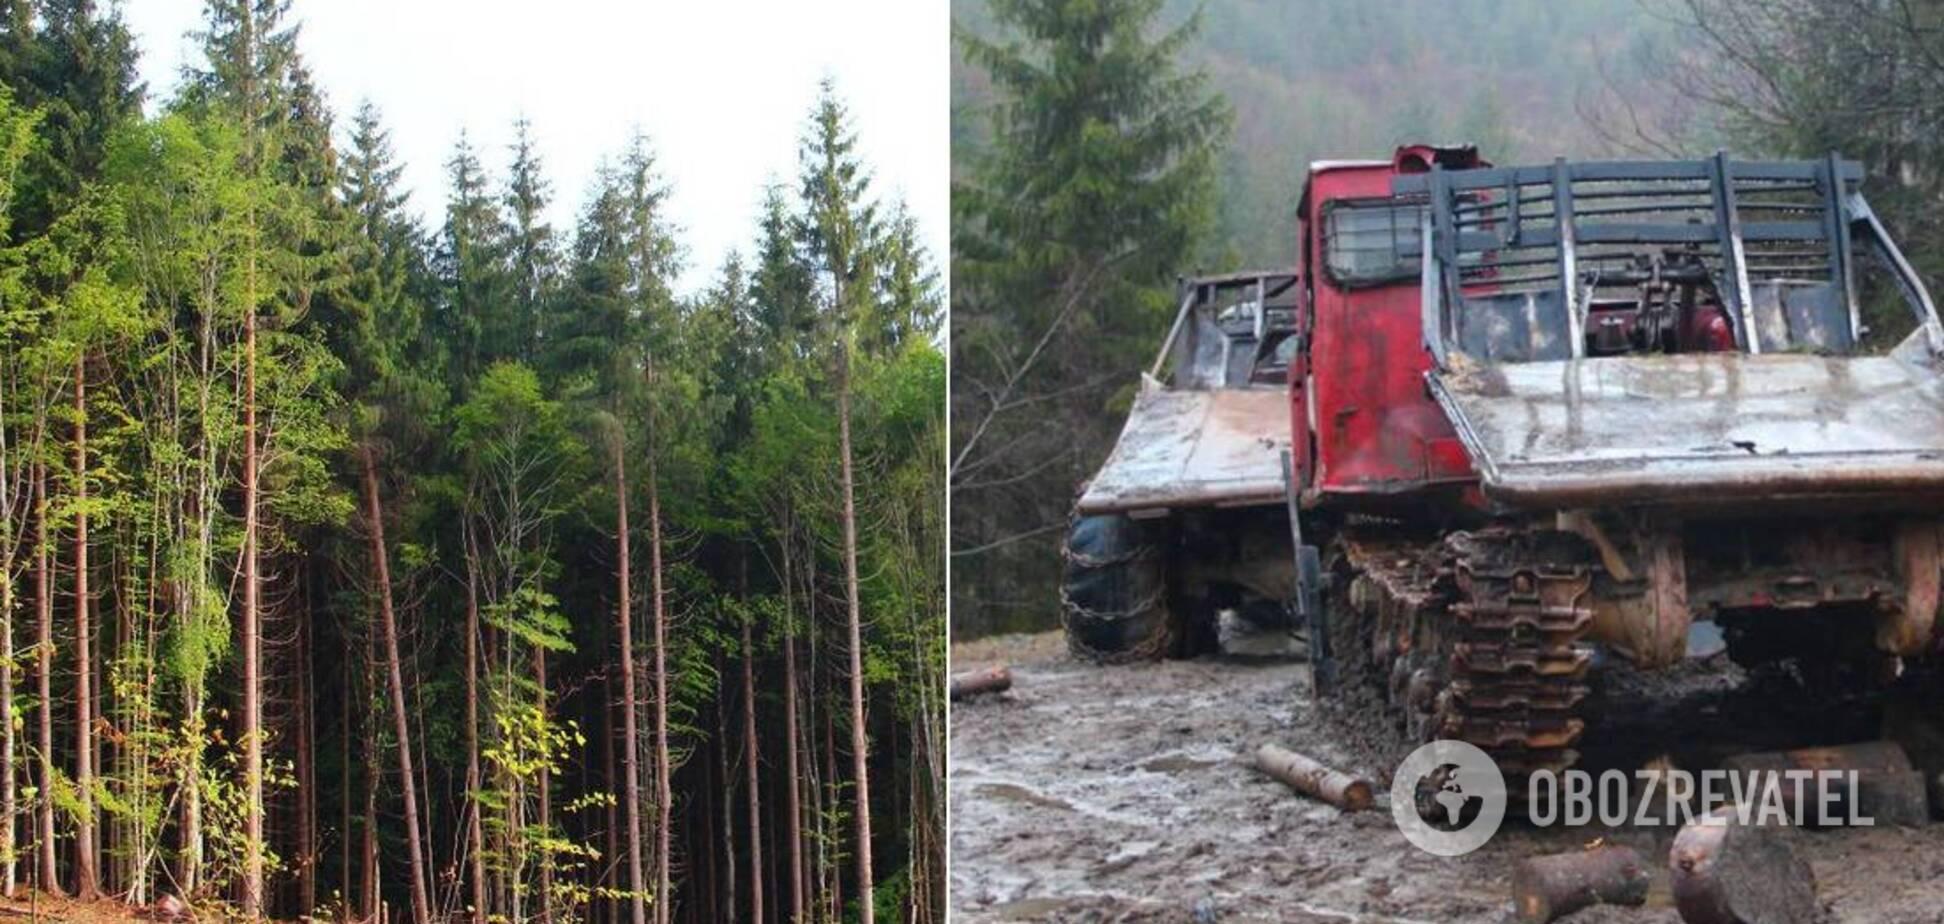 Екологи розповіли про те, що відбувається в Карпатах після ухвалення закону про заборону вирубки лісів